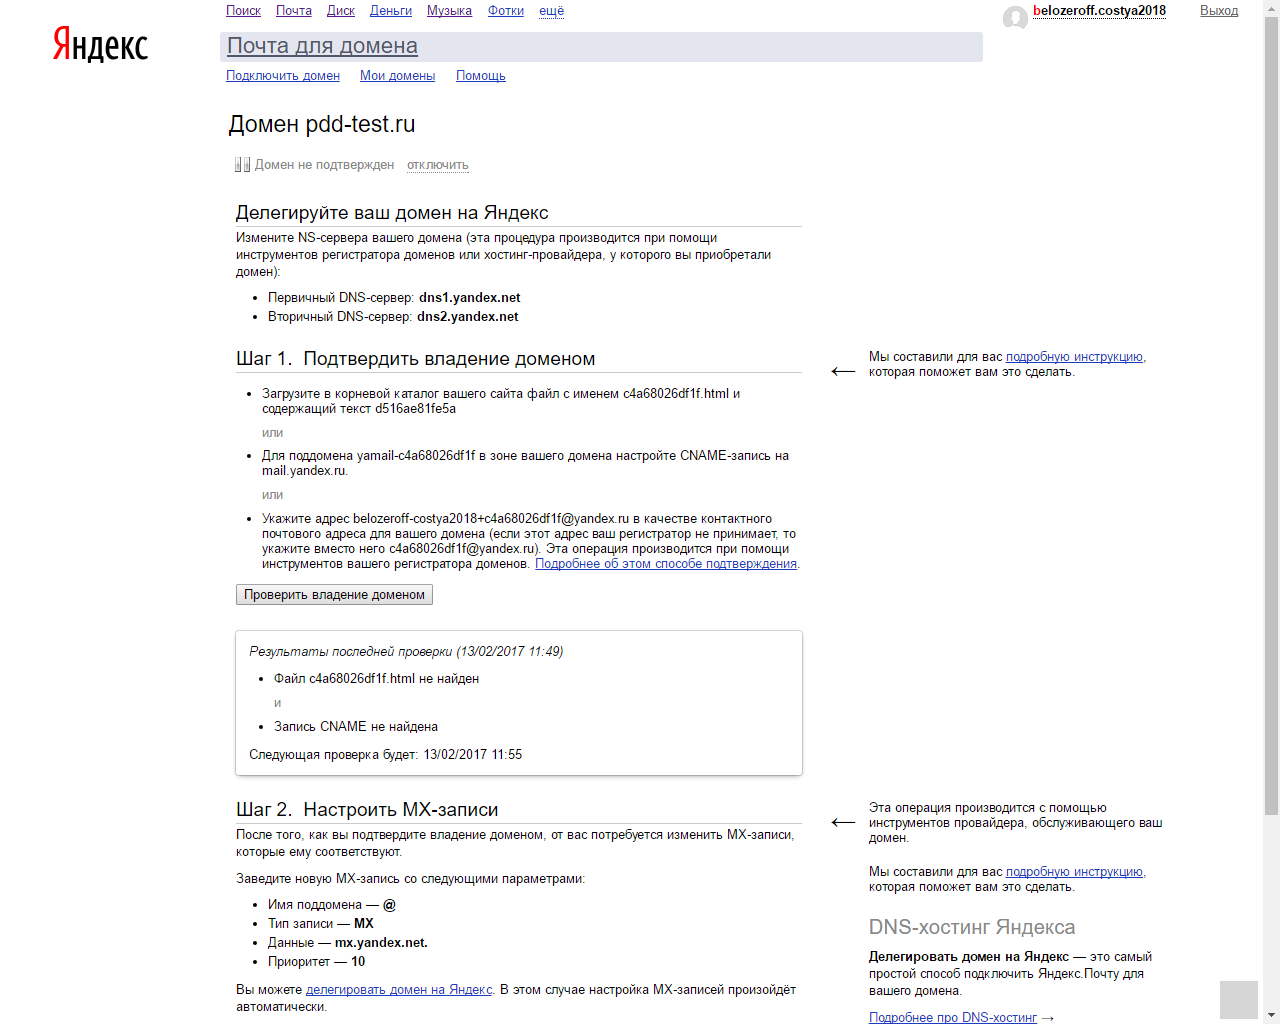 Активация домена на Яндексе